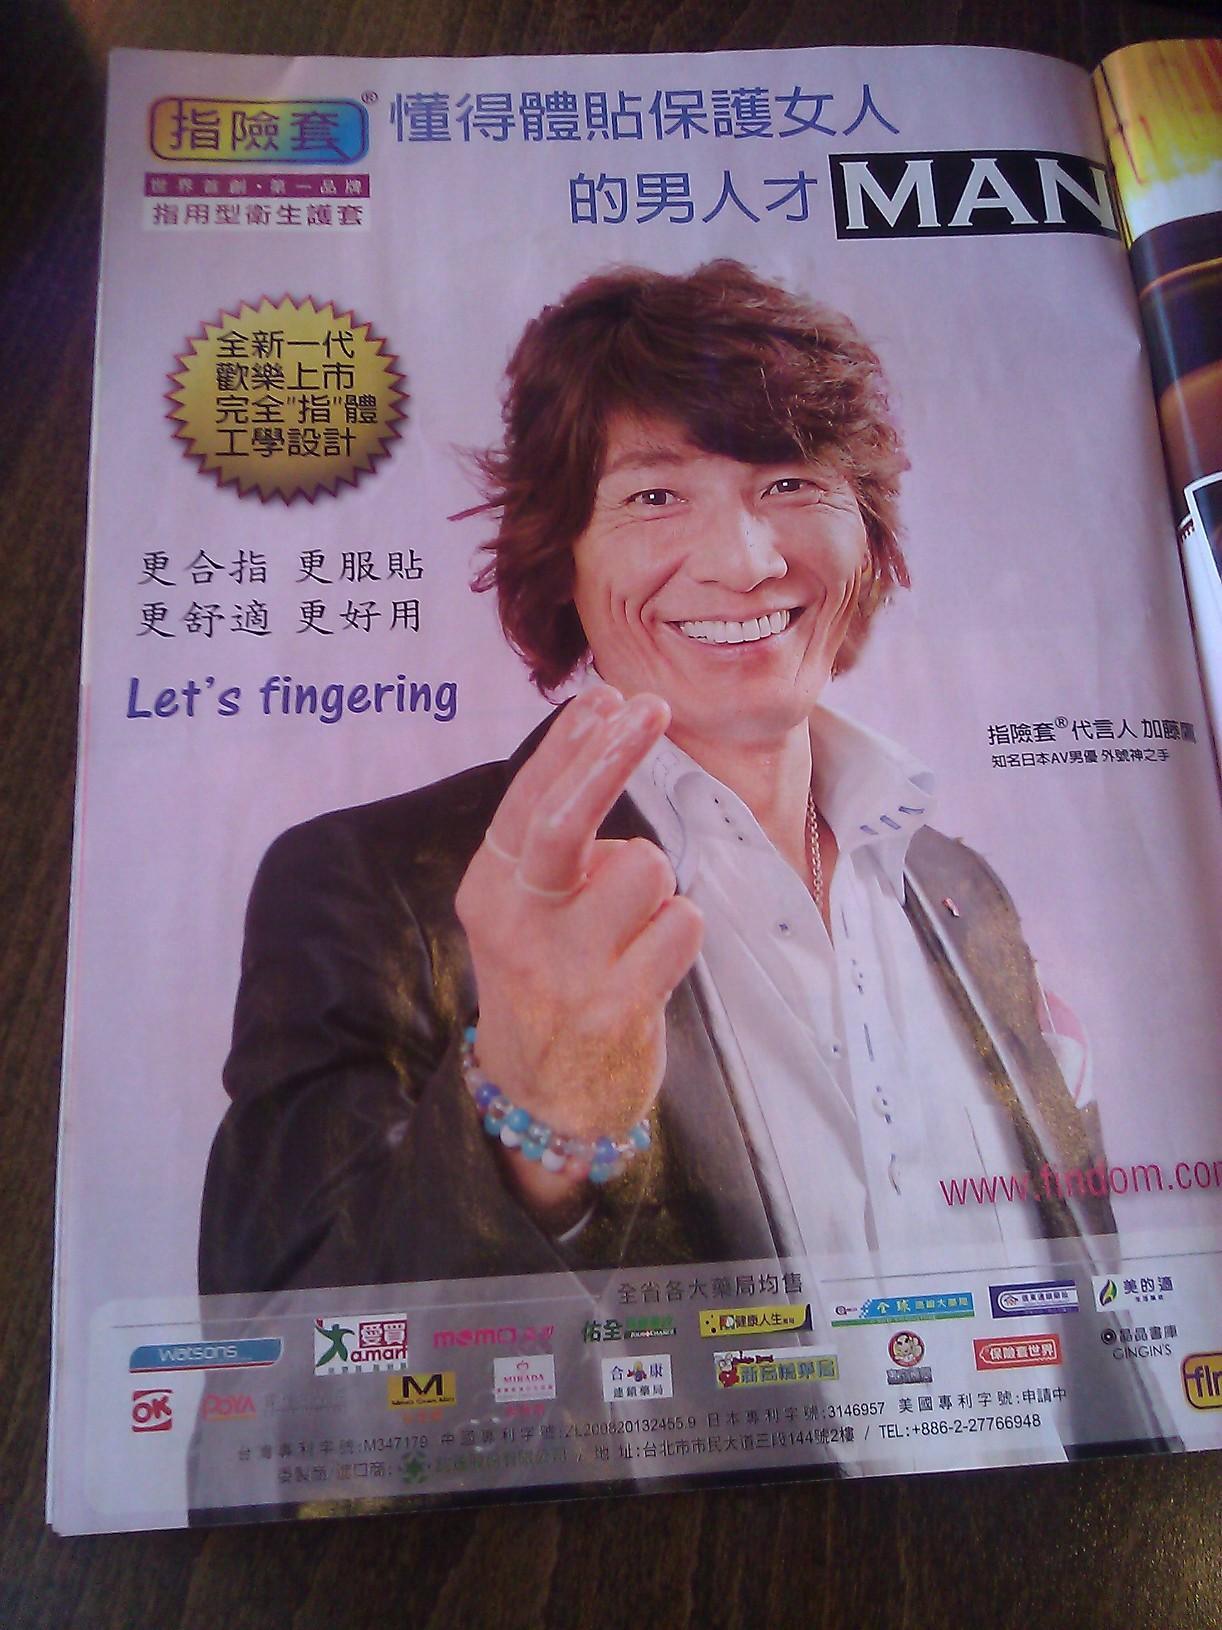 Let's fingering